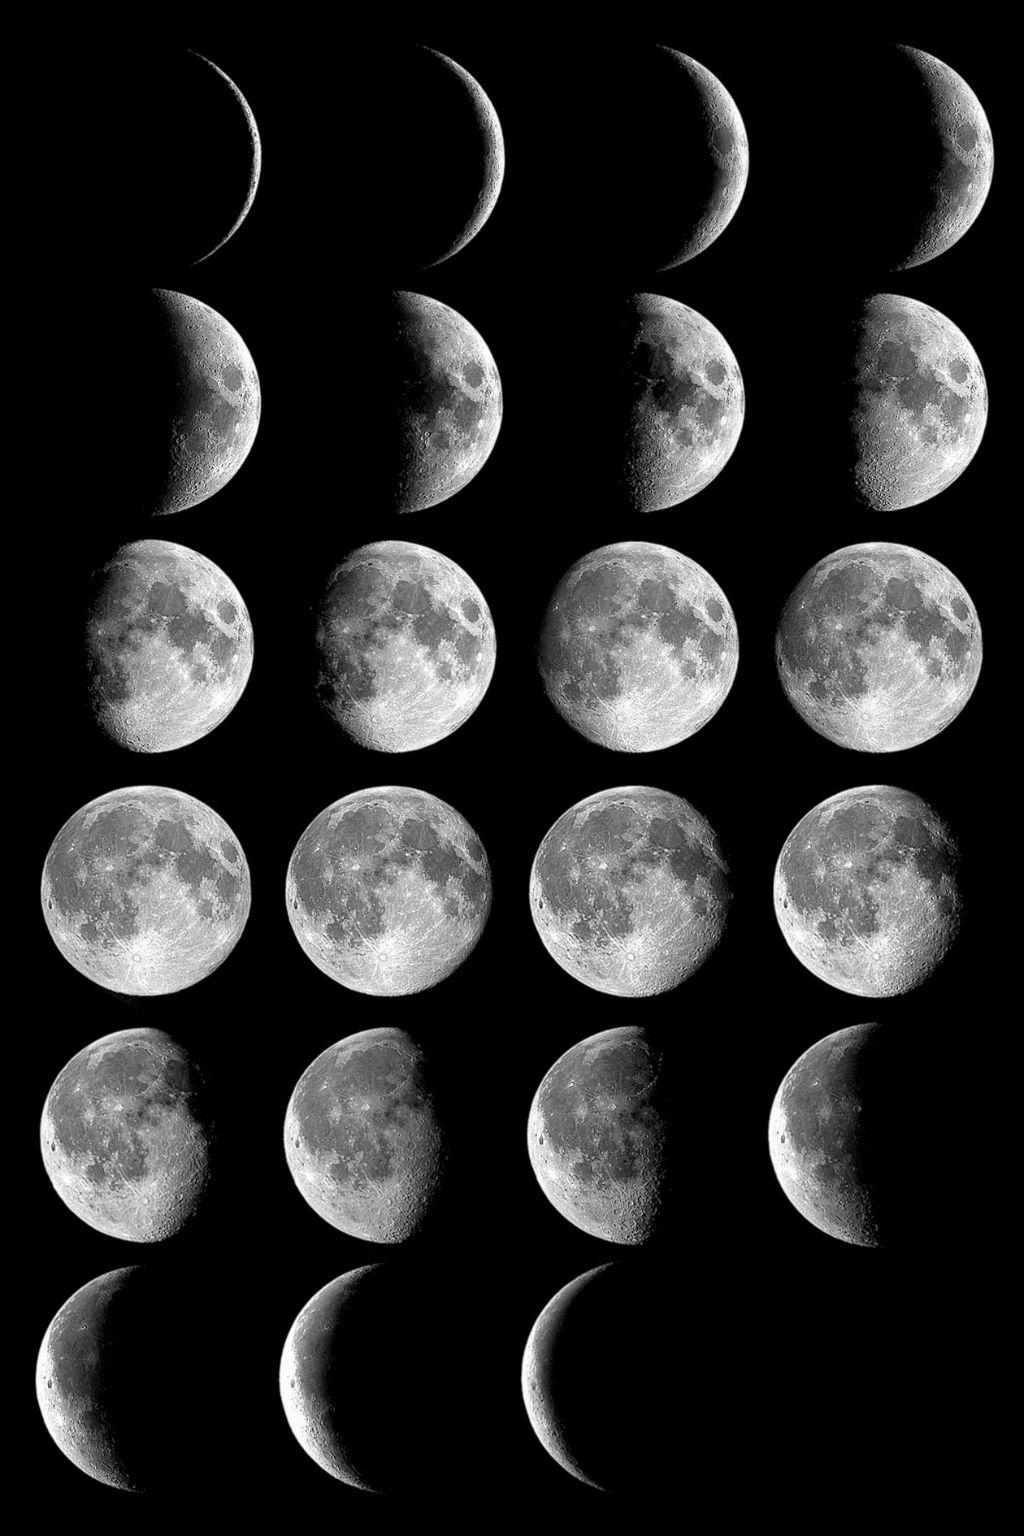 Картинка Чому Місяць змінює форму